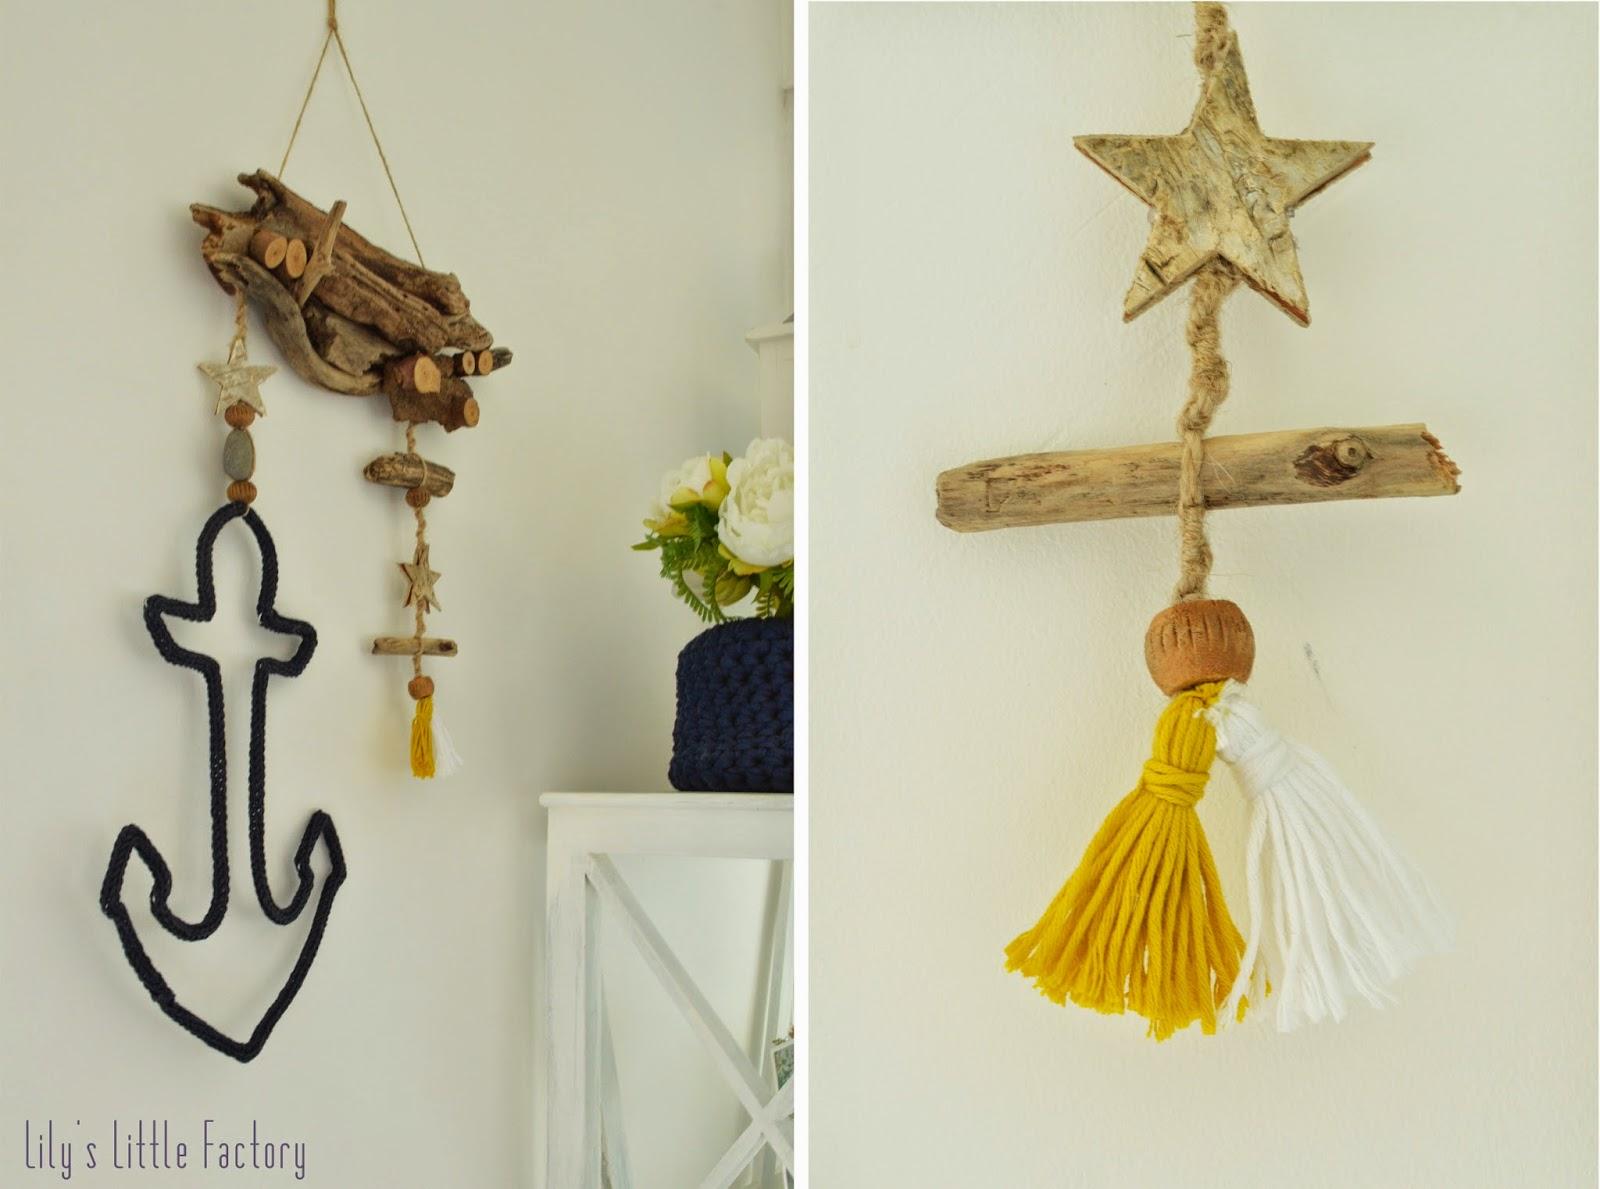 Des souvenirs de plage suspendre tricotin et bois flott lily 39 s little factory blog diy - Chambre en bois flotte 2 ...